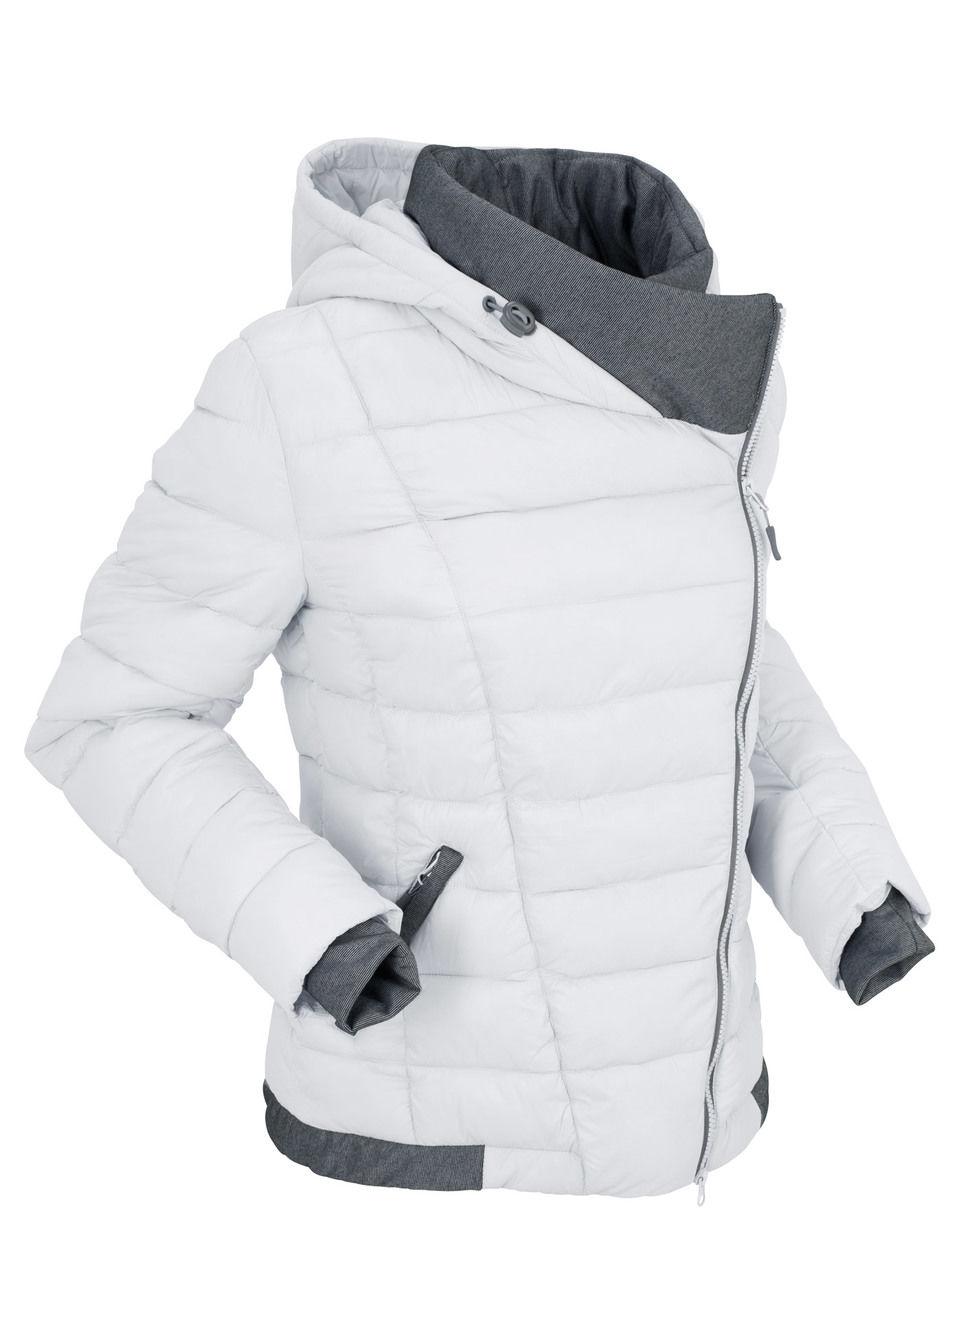 Стеганая куртка для активного отдыха